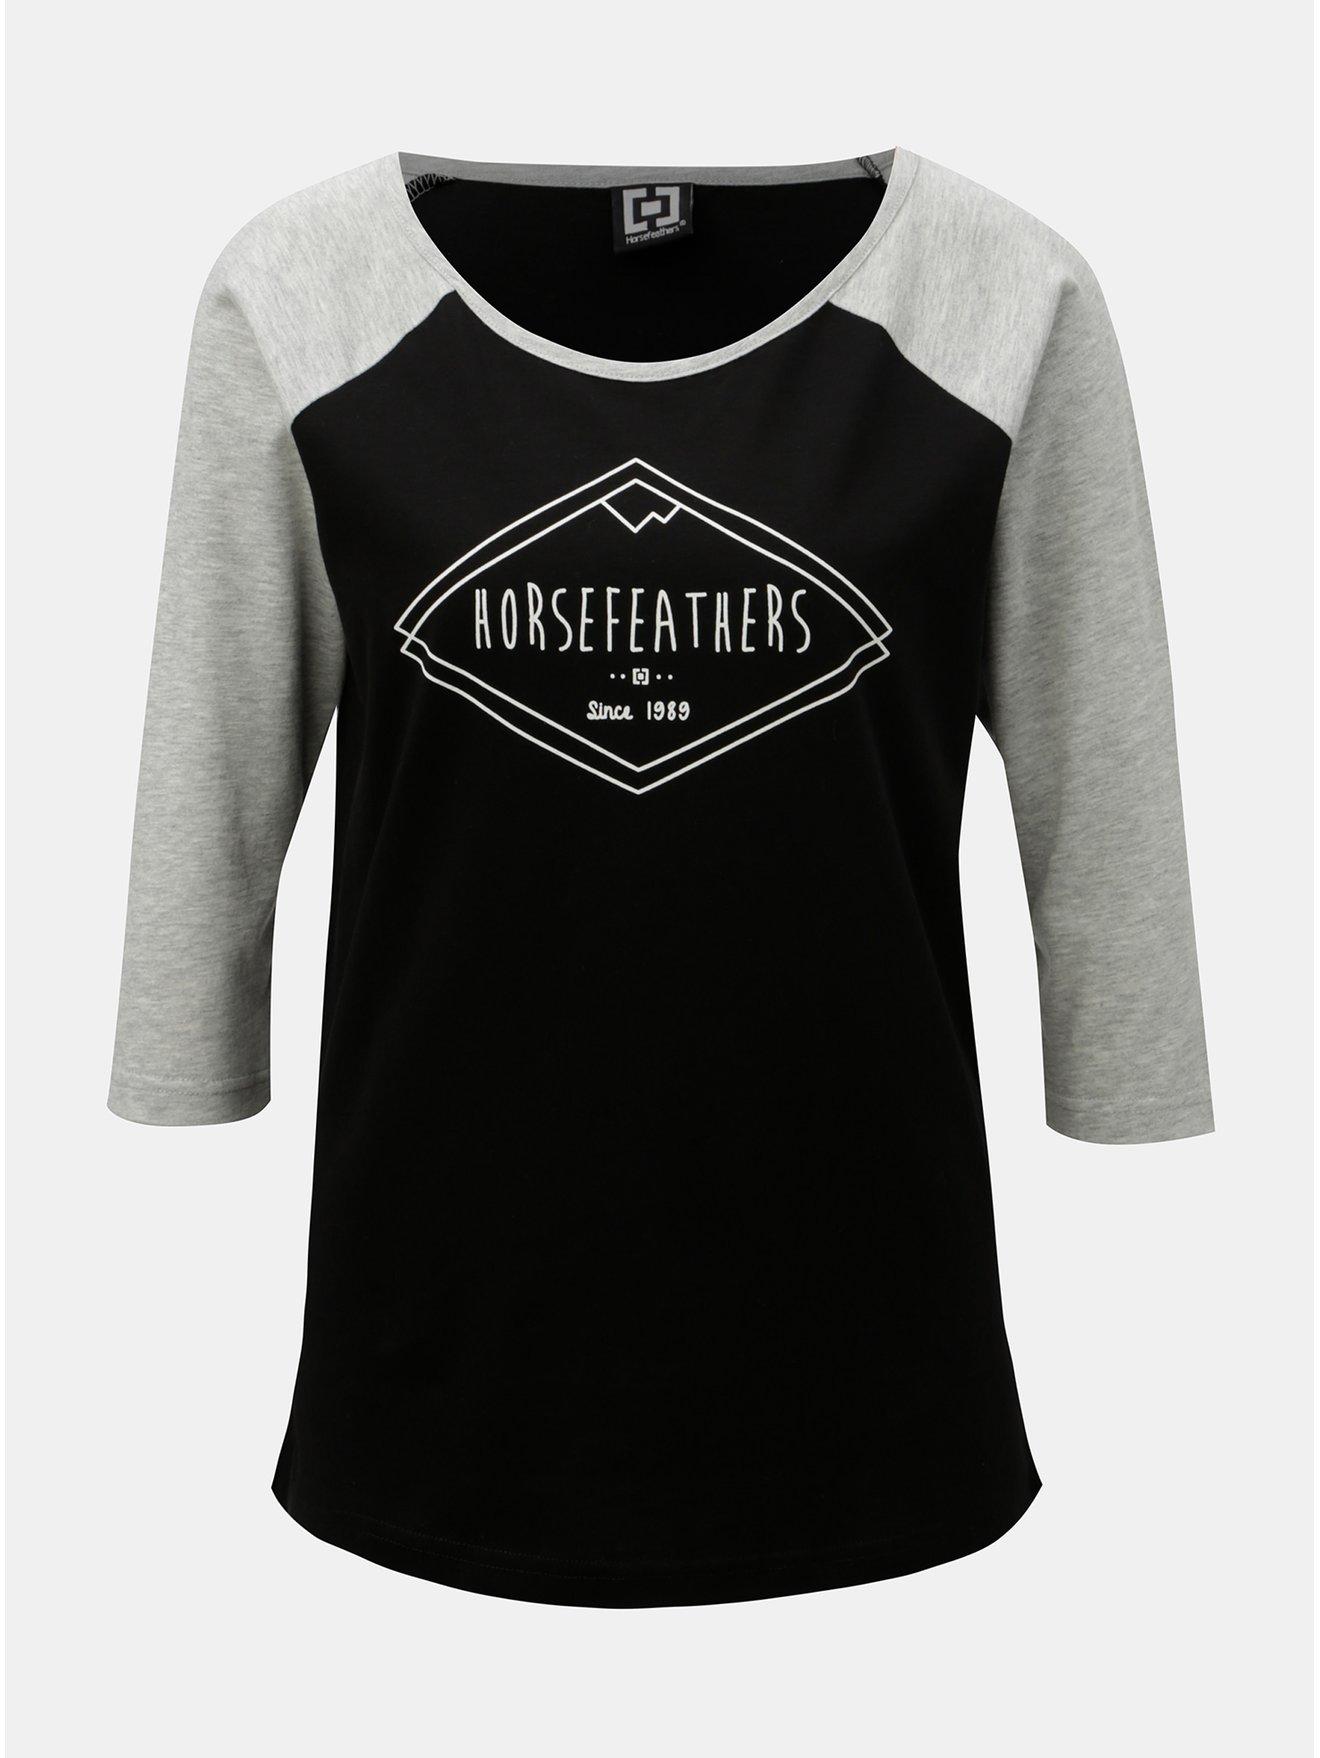 Fotografie Šedo-černé dámské tričko s 3/4 rukávem a potiskem Horsefeathers Neve